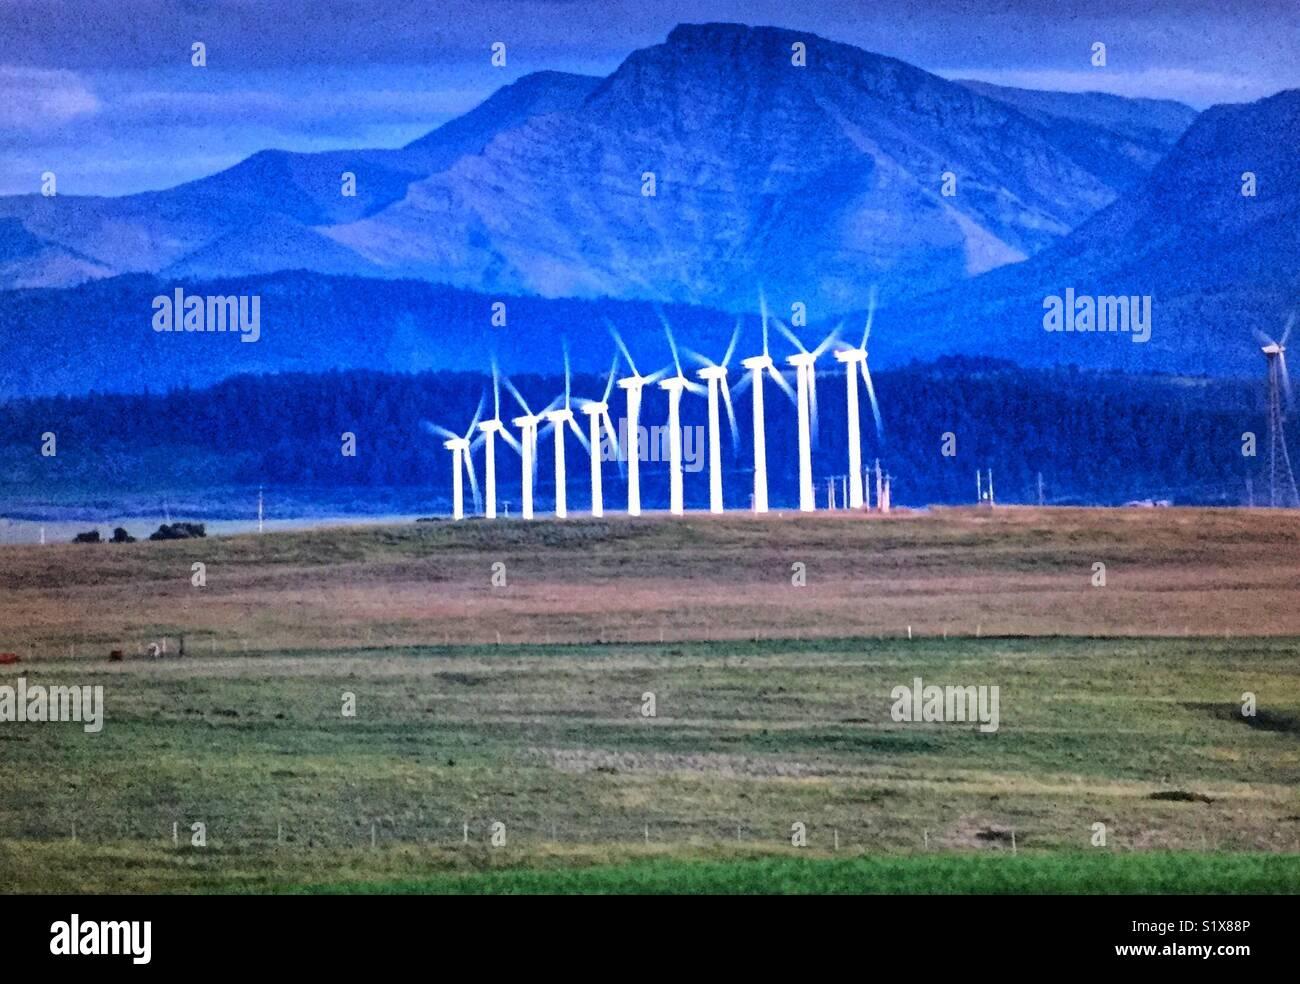 Windpark in Alberta, Kanada Stockbild